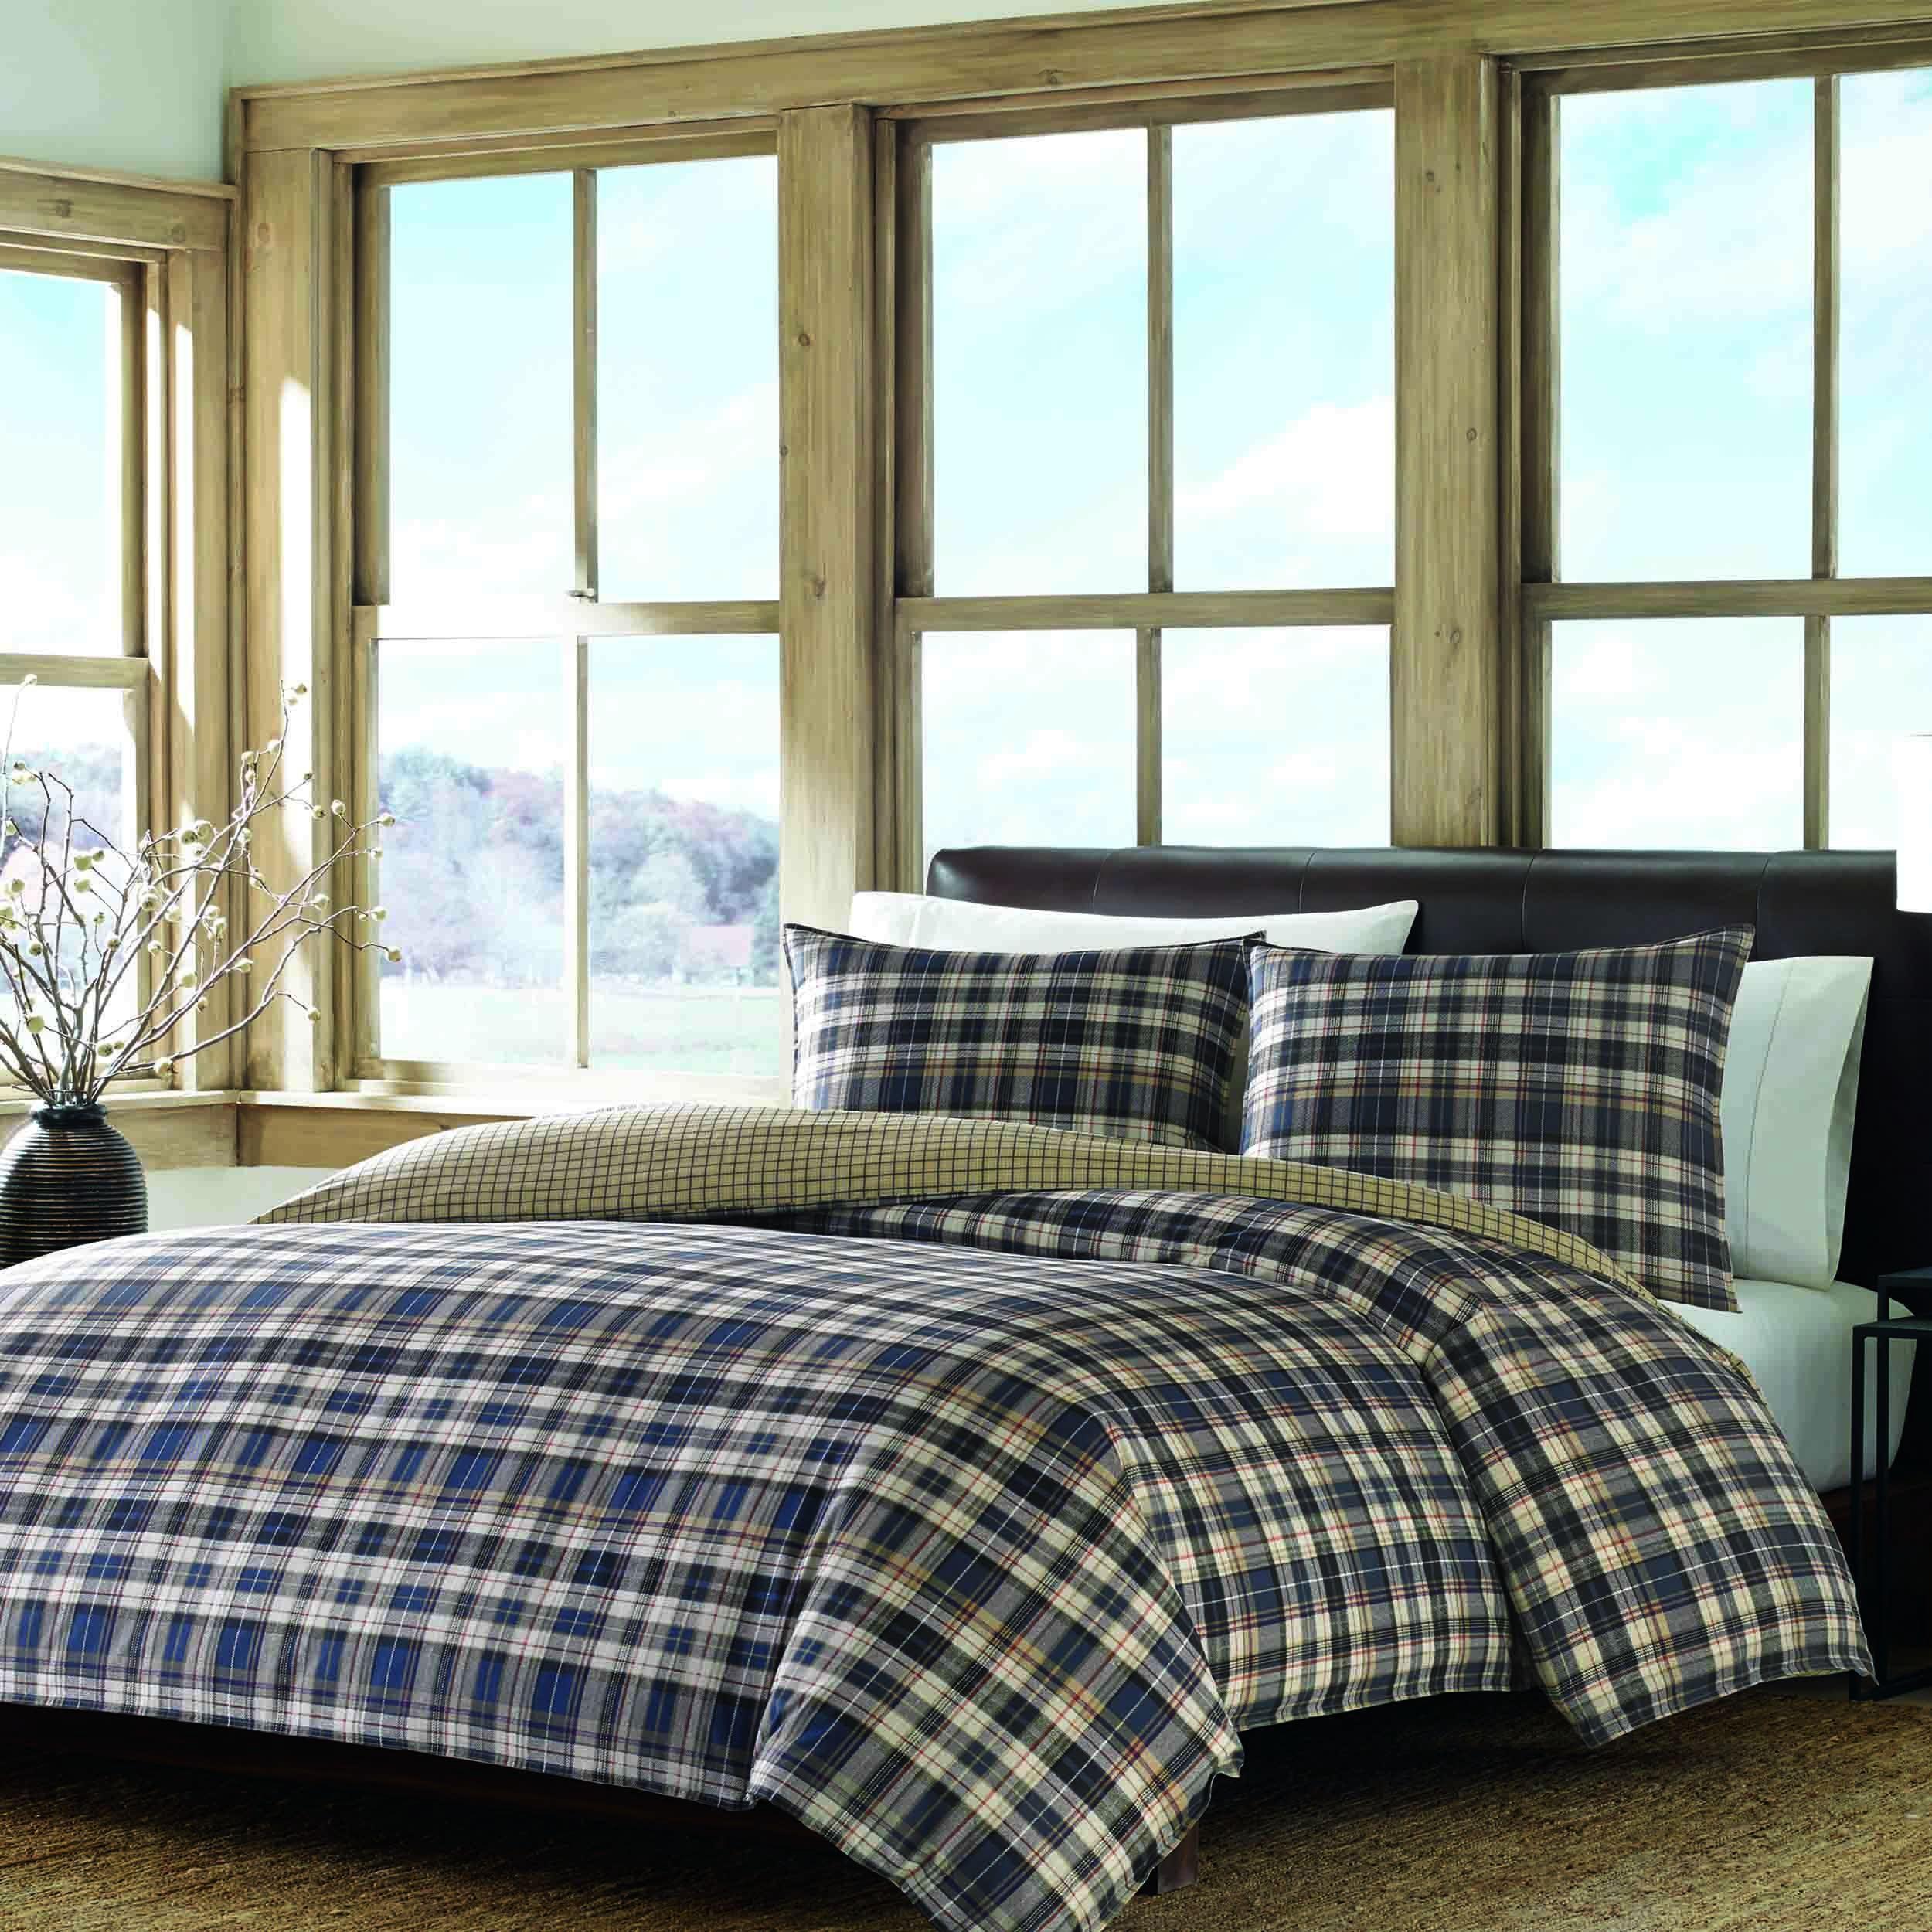 Eddie Bauer Port Gamble 3-piece Comforter Set (King), Blu...